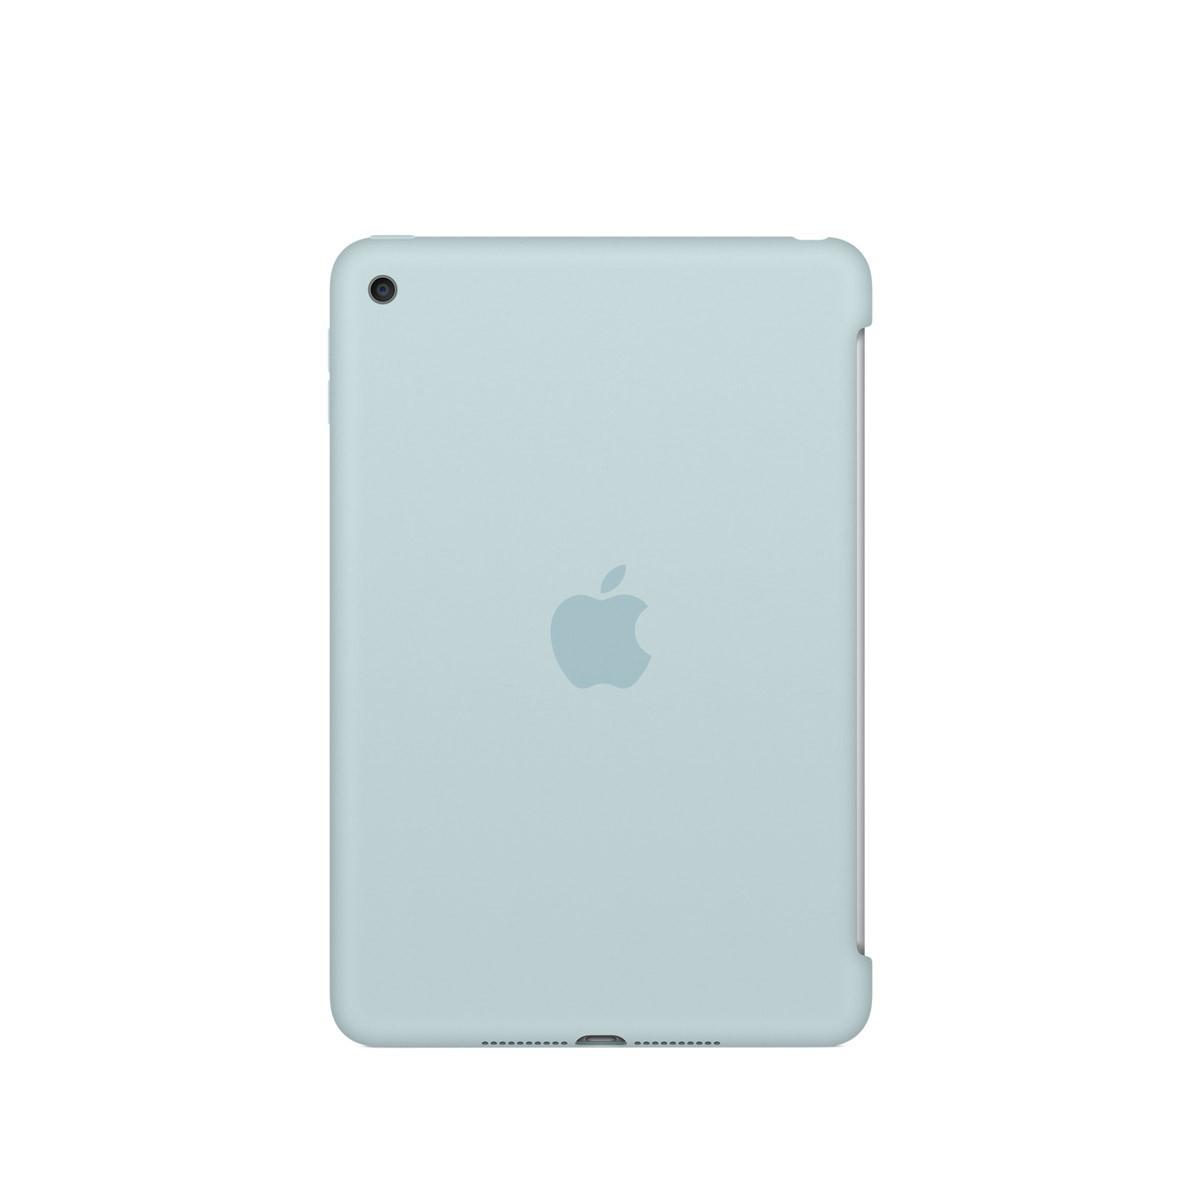 Apple Silikonové pouzdro na iPad mini 4 – tyrkysové mld72zm/a